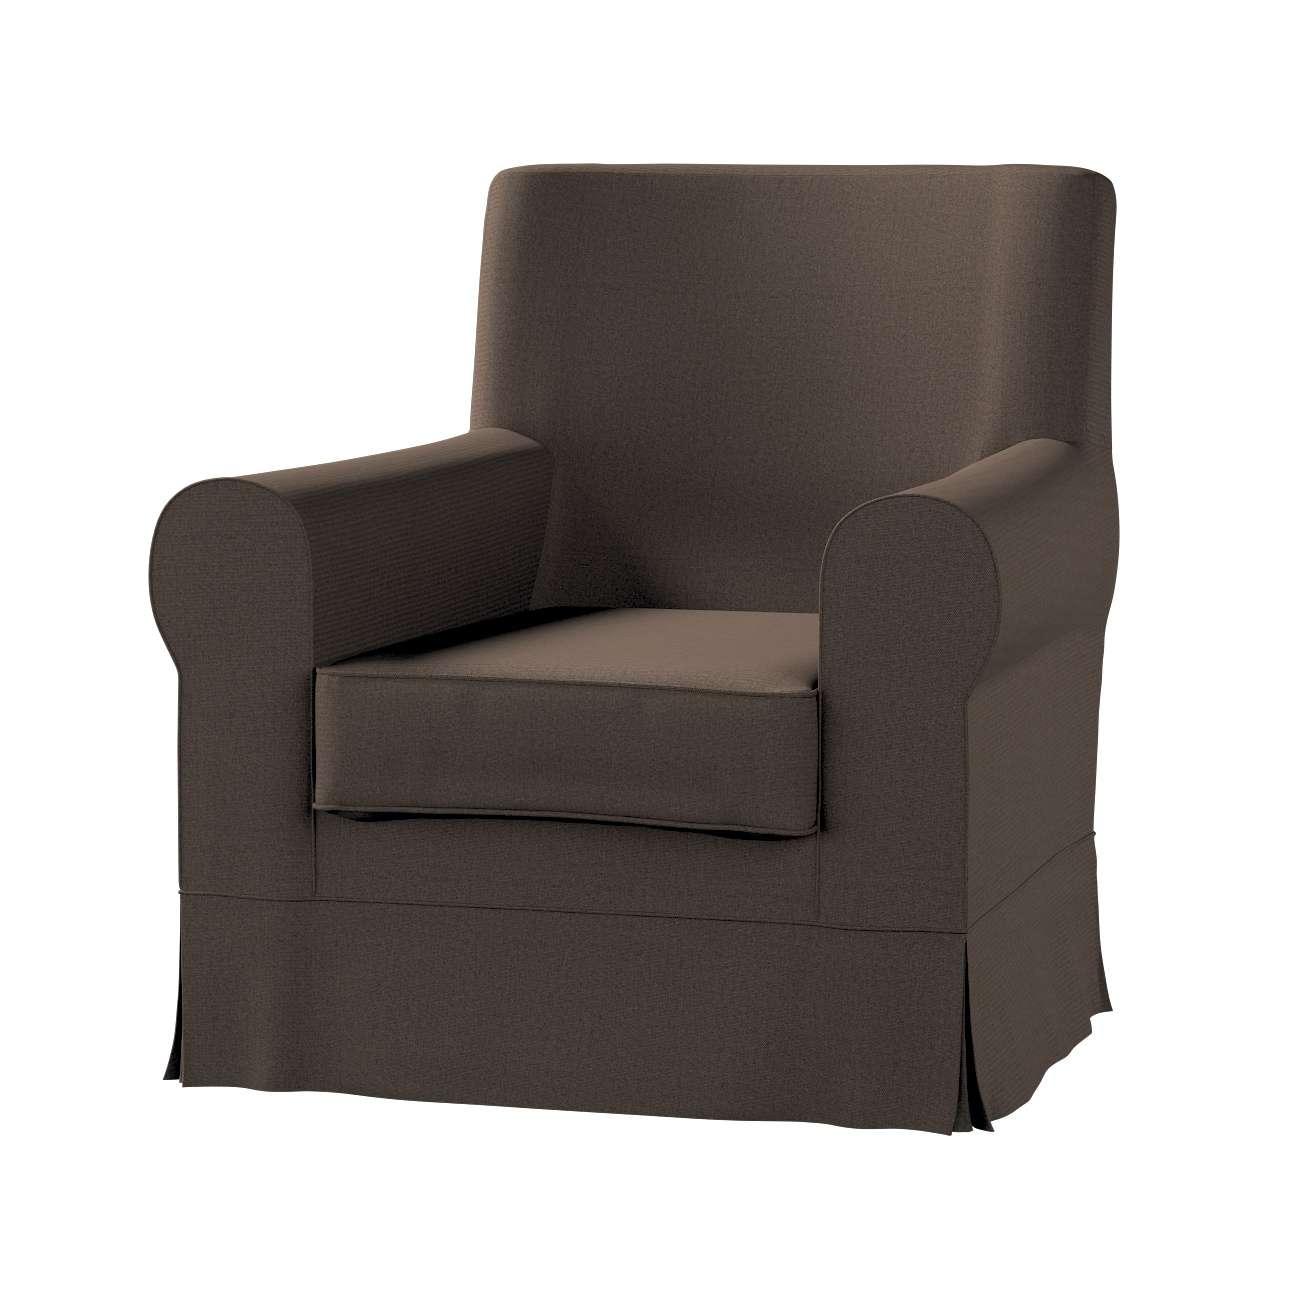 Pokrowiec na fotel Ektorp Jennylund w kolekcji Etna , tkanina: 705-08